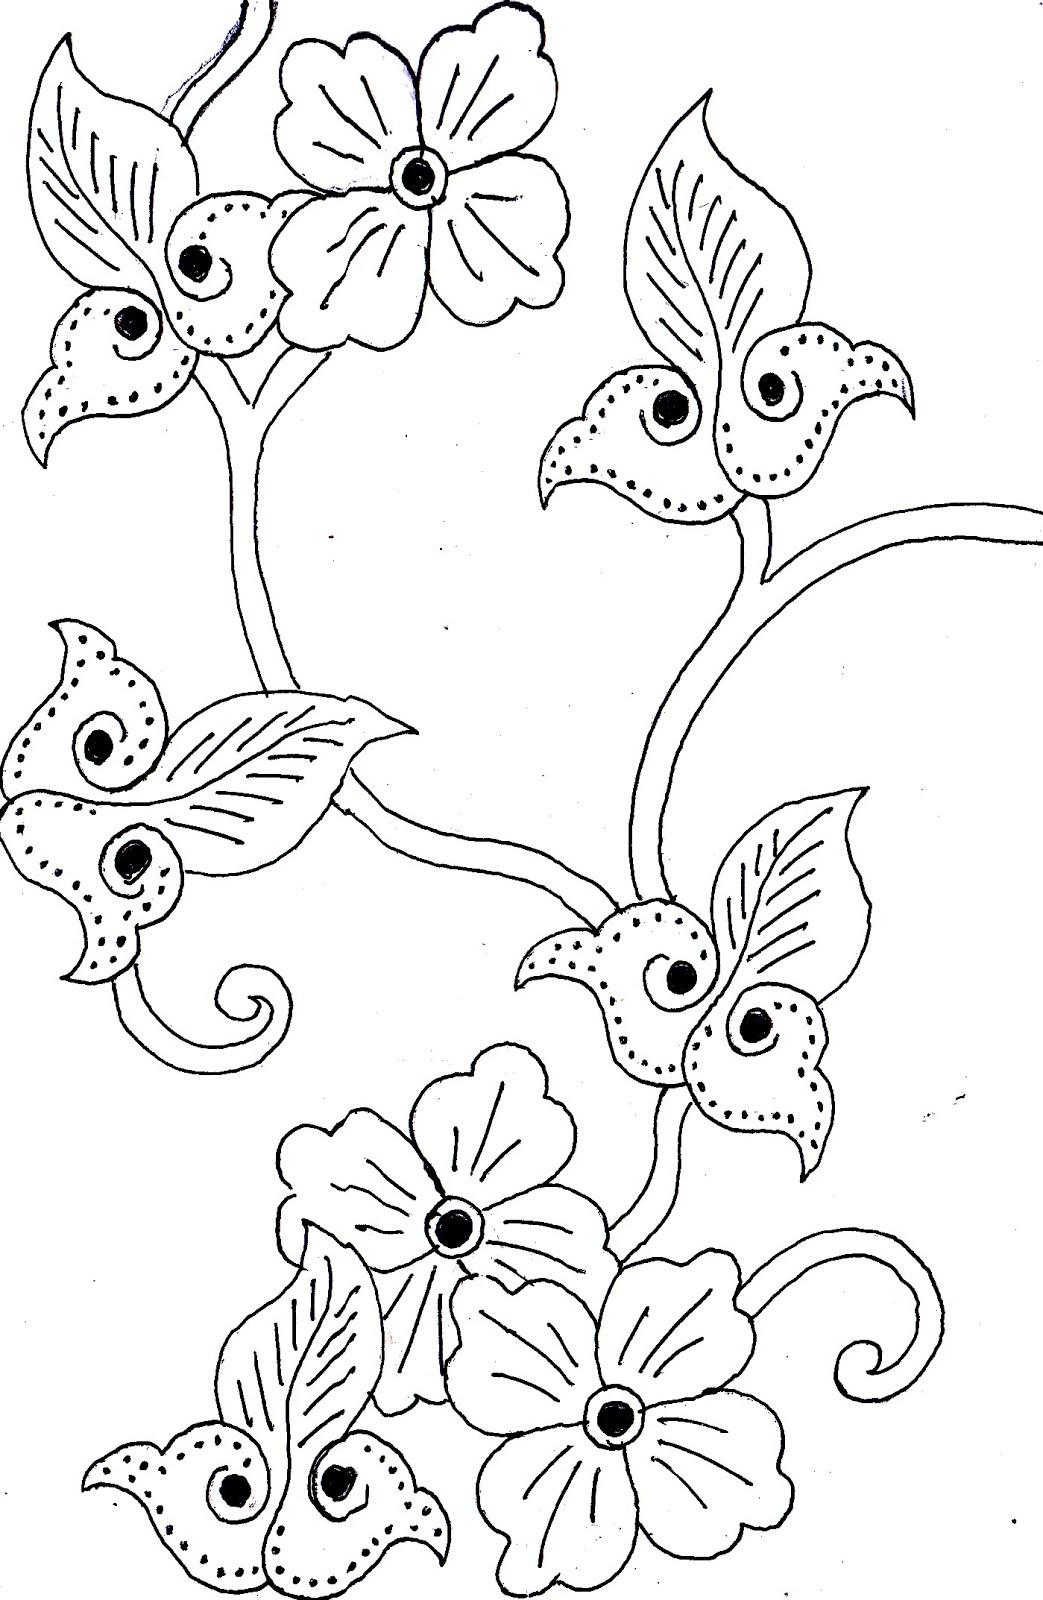 Sketsa Gambar Batik : sketsa, gambar, batik, Spesial, Sketsa, Motif, Batik, Modifikasi,, Gambar